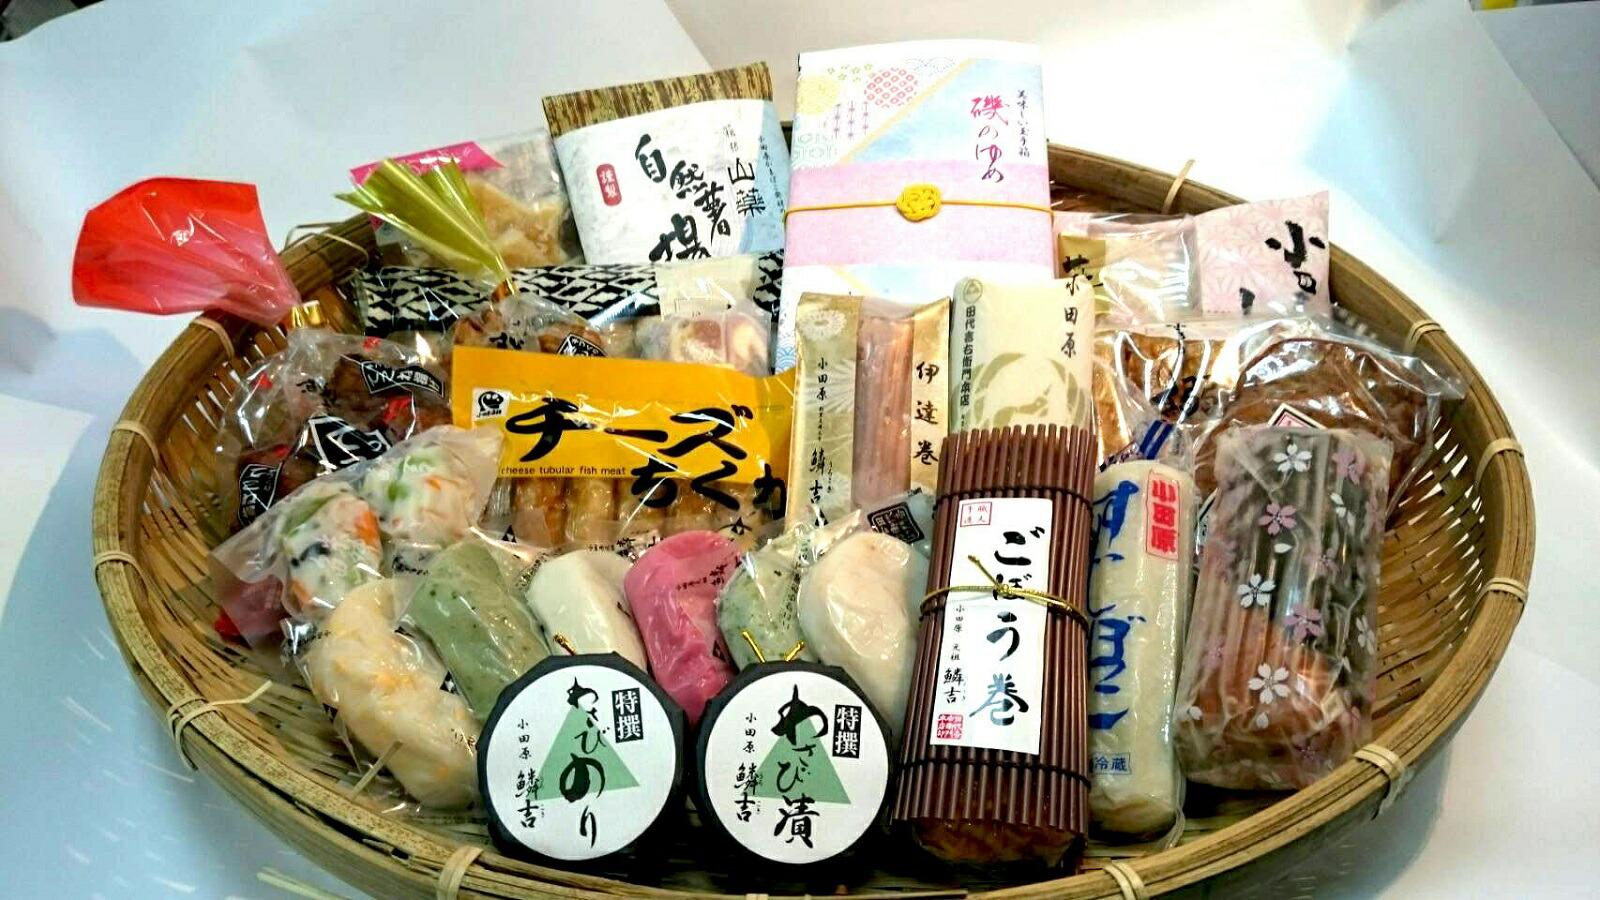 小田原 かまぼこ うろこき おまかせセット3,000円